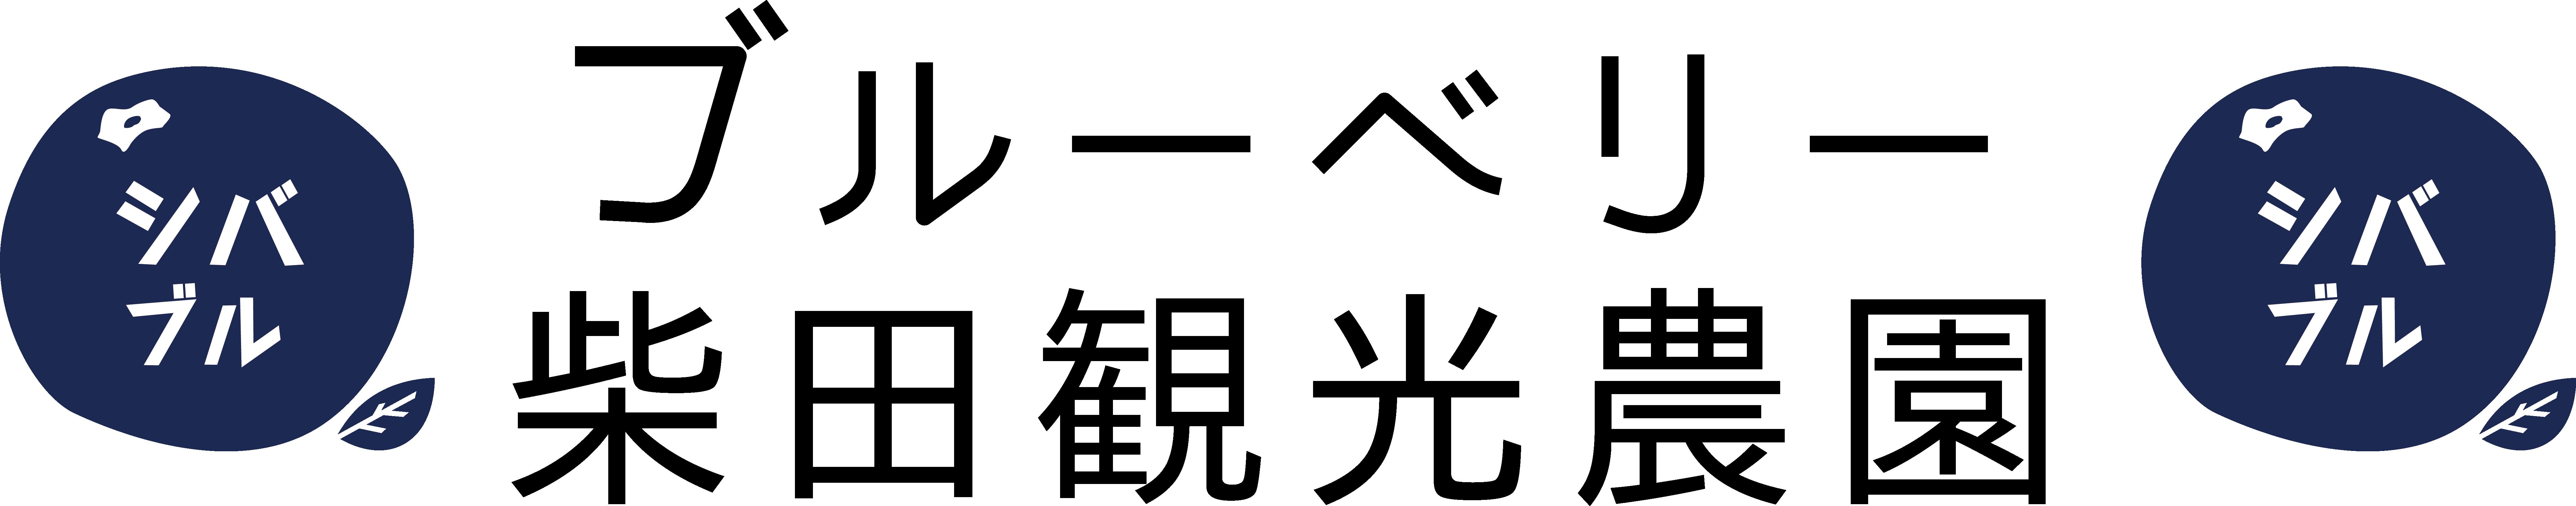 ブルーベリー柴田観光農園【シバブル】のホームページ